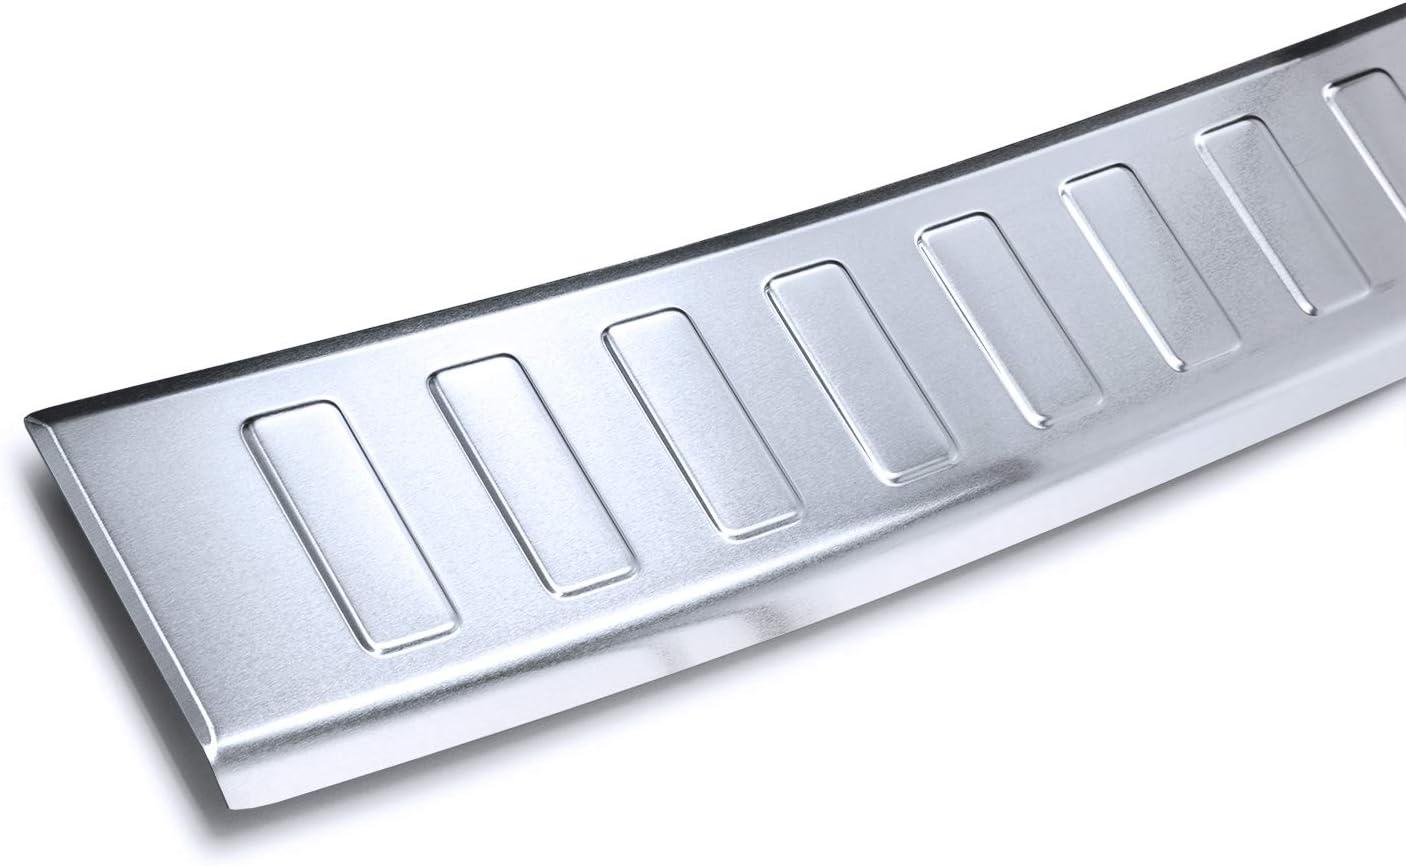 Colore:Argento teileplus24 AL125 Protezione paraurti Tutta in Alluminio con Profili 3D e Piegatura progettata appositamente per i Veicoli e Facile da Montare